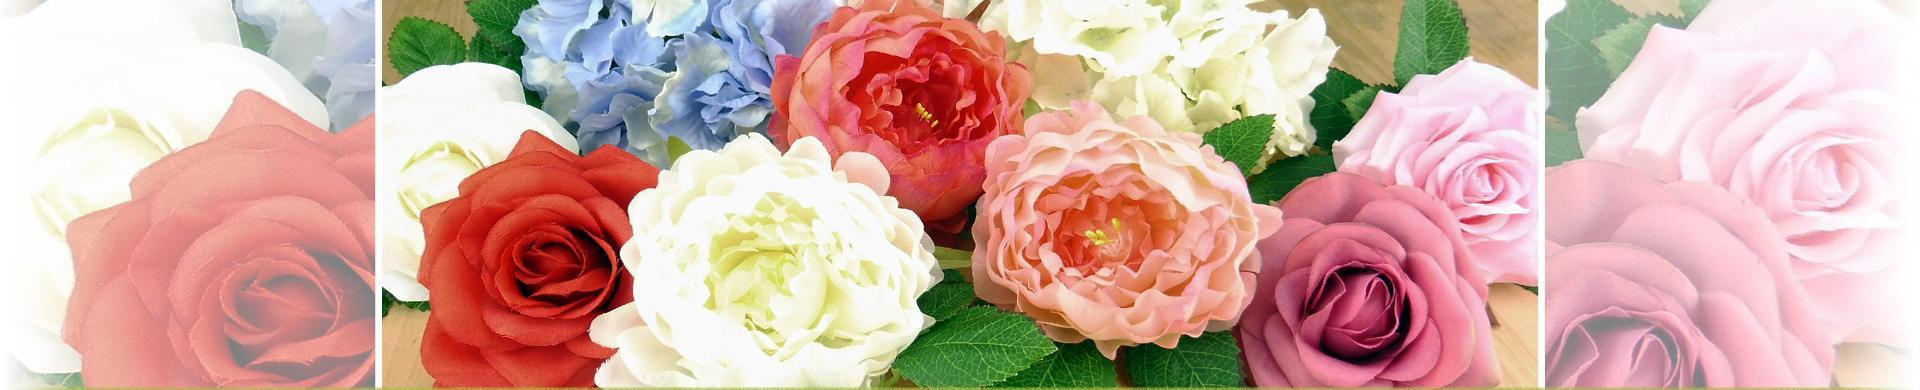 Silk Roses, Peonies & Leaves